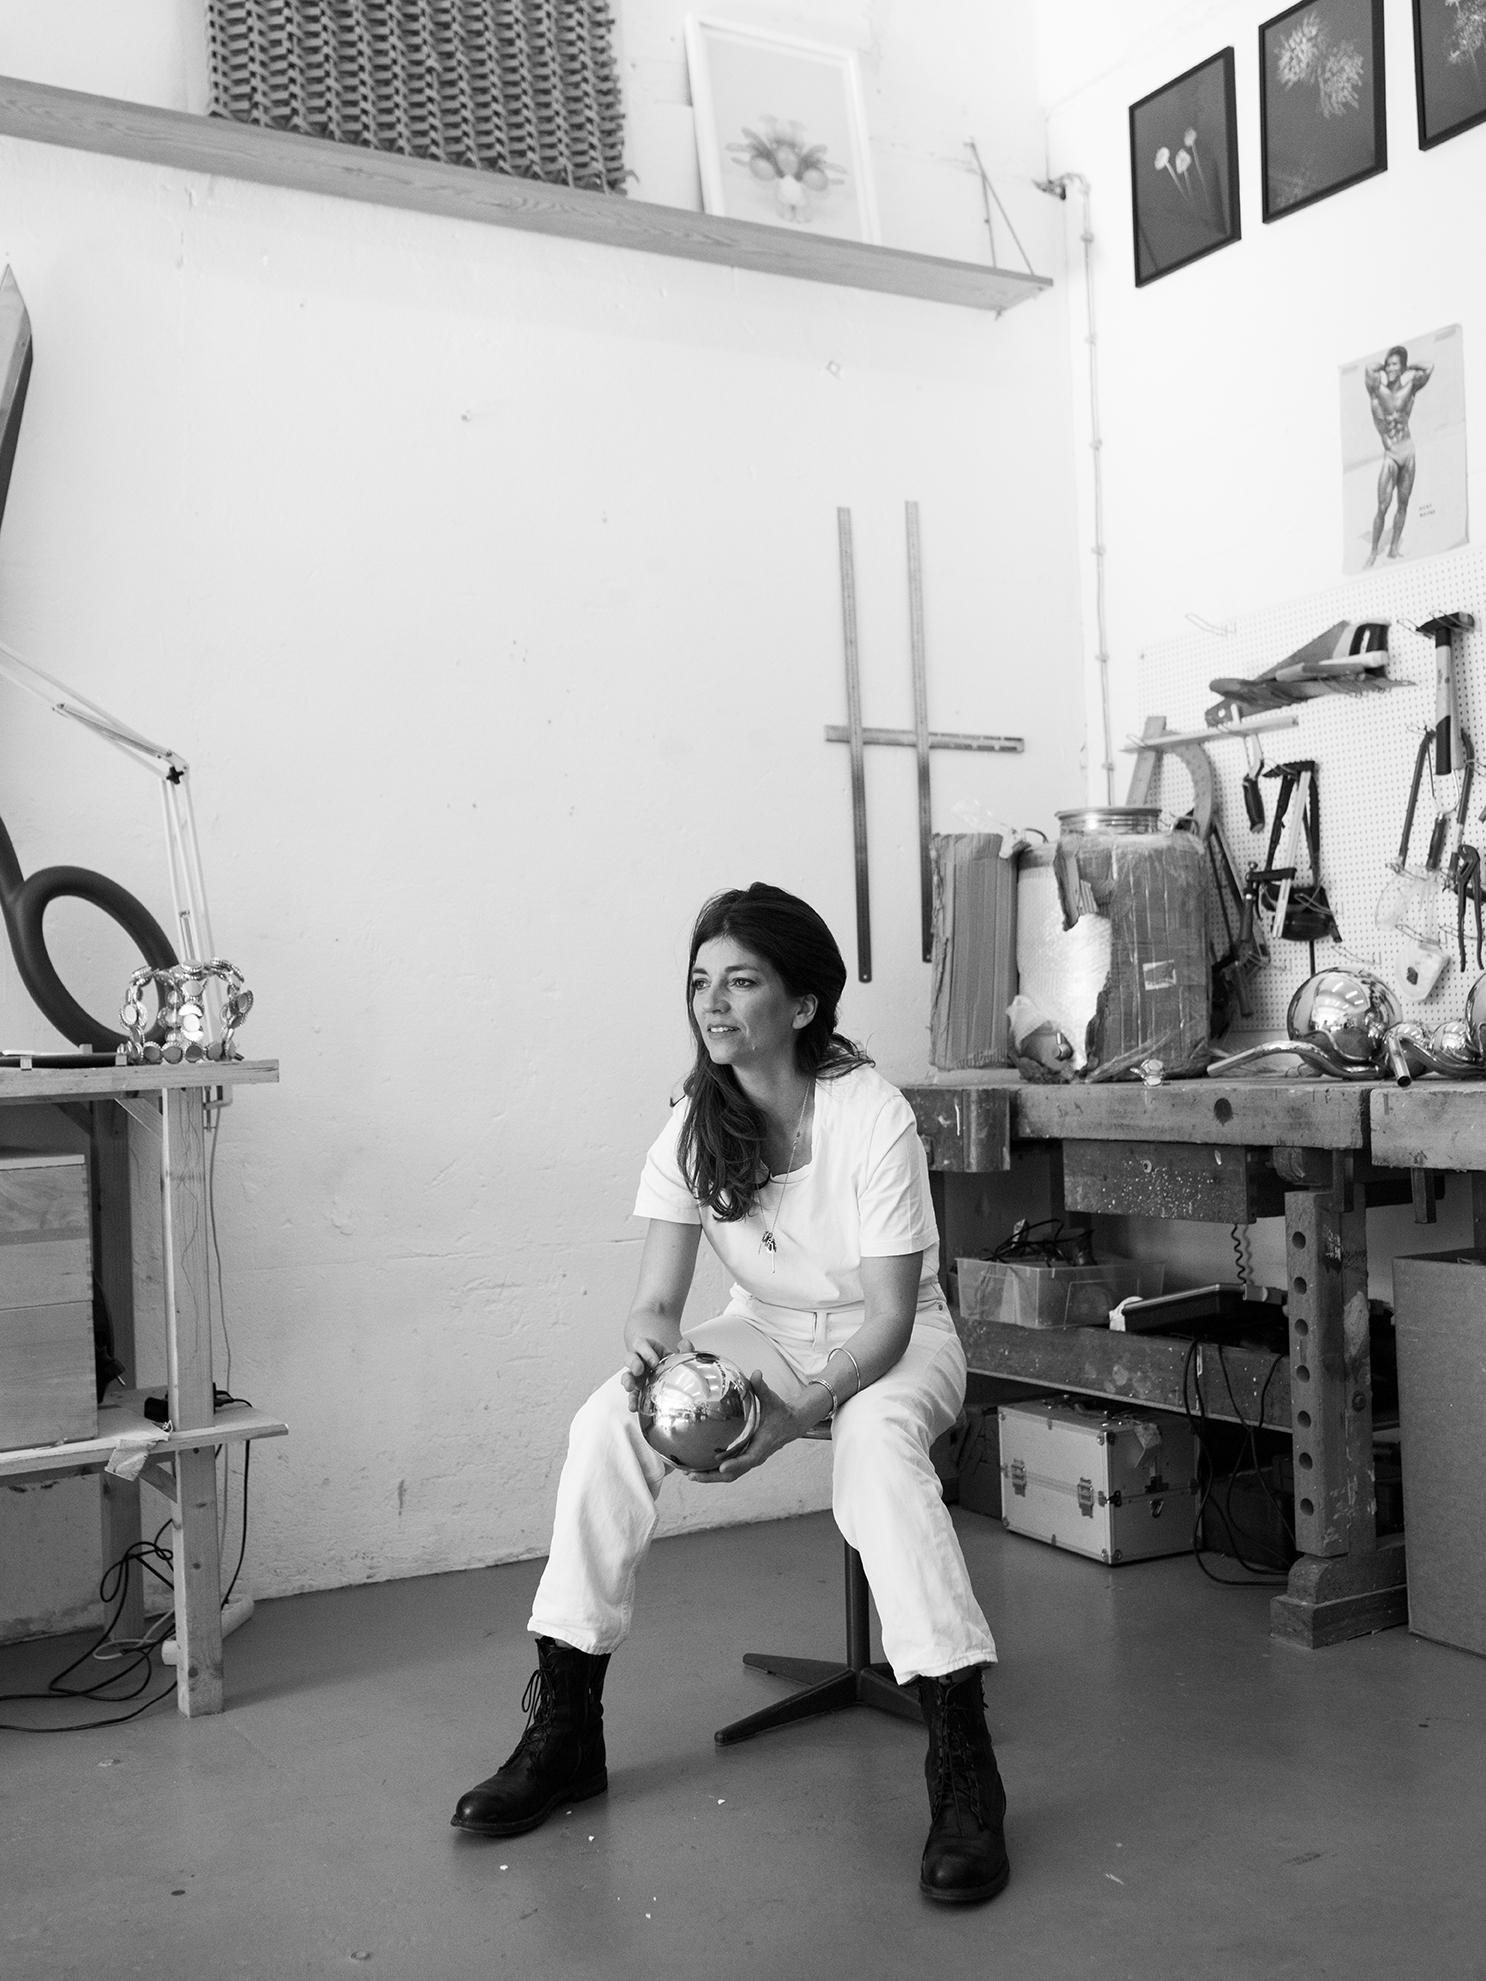 Sarah Illenberger by Elka Von Langen